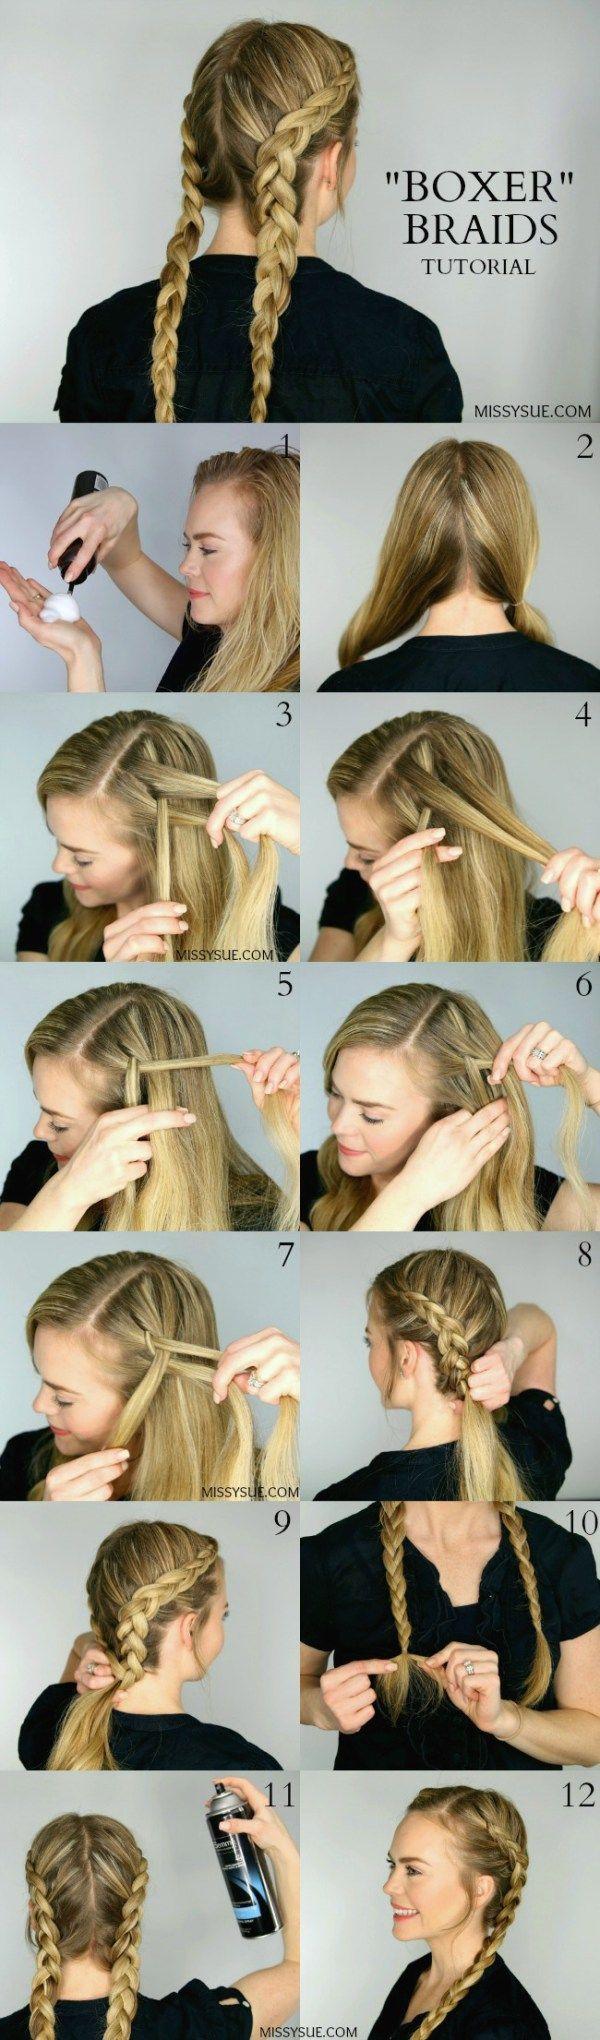 lange haare kurze frisuren pinterest boxer braids tutorial